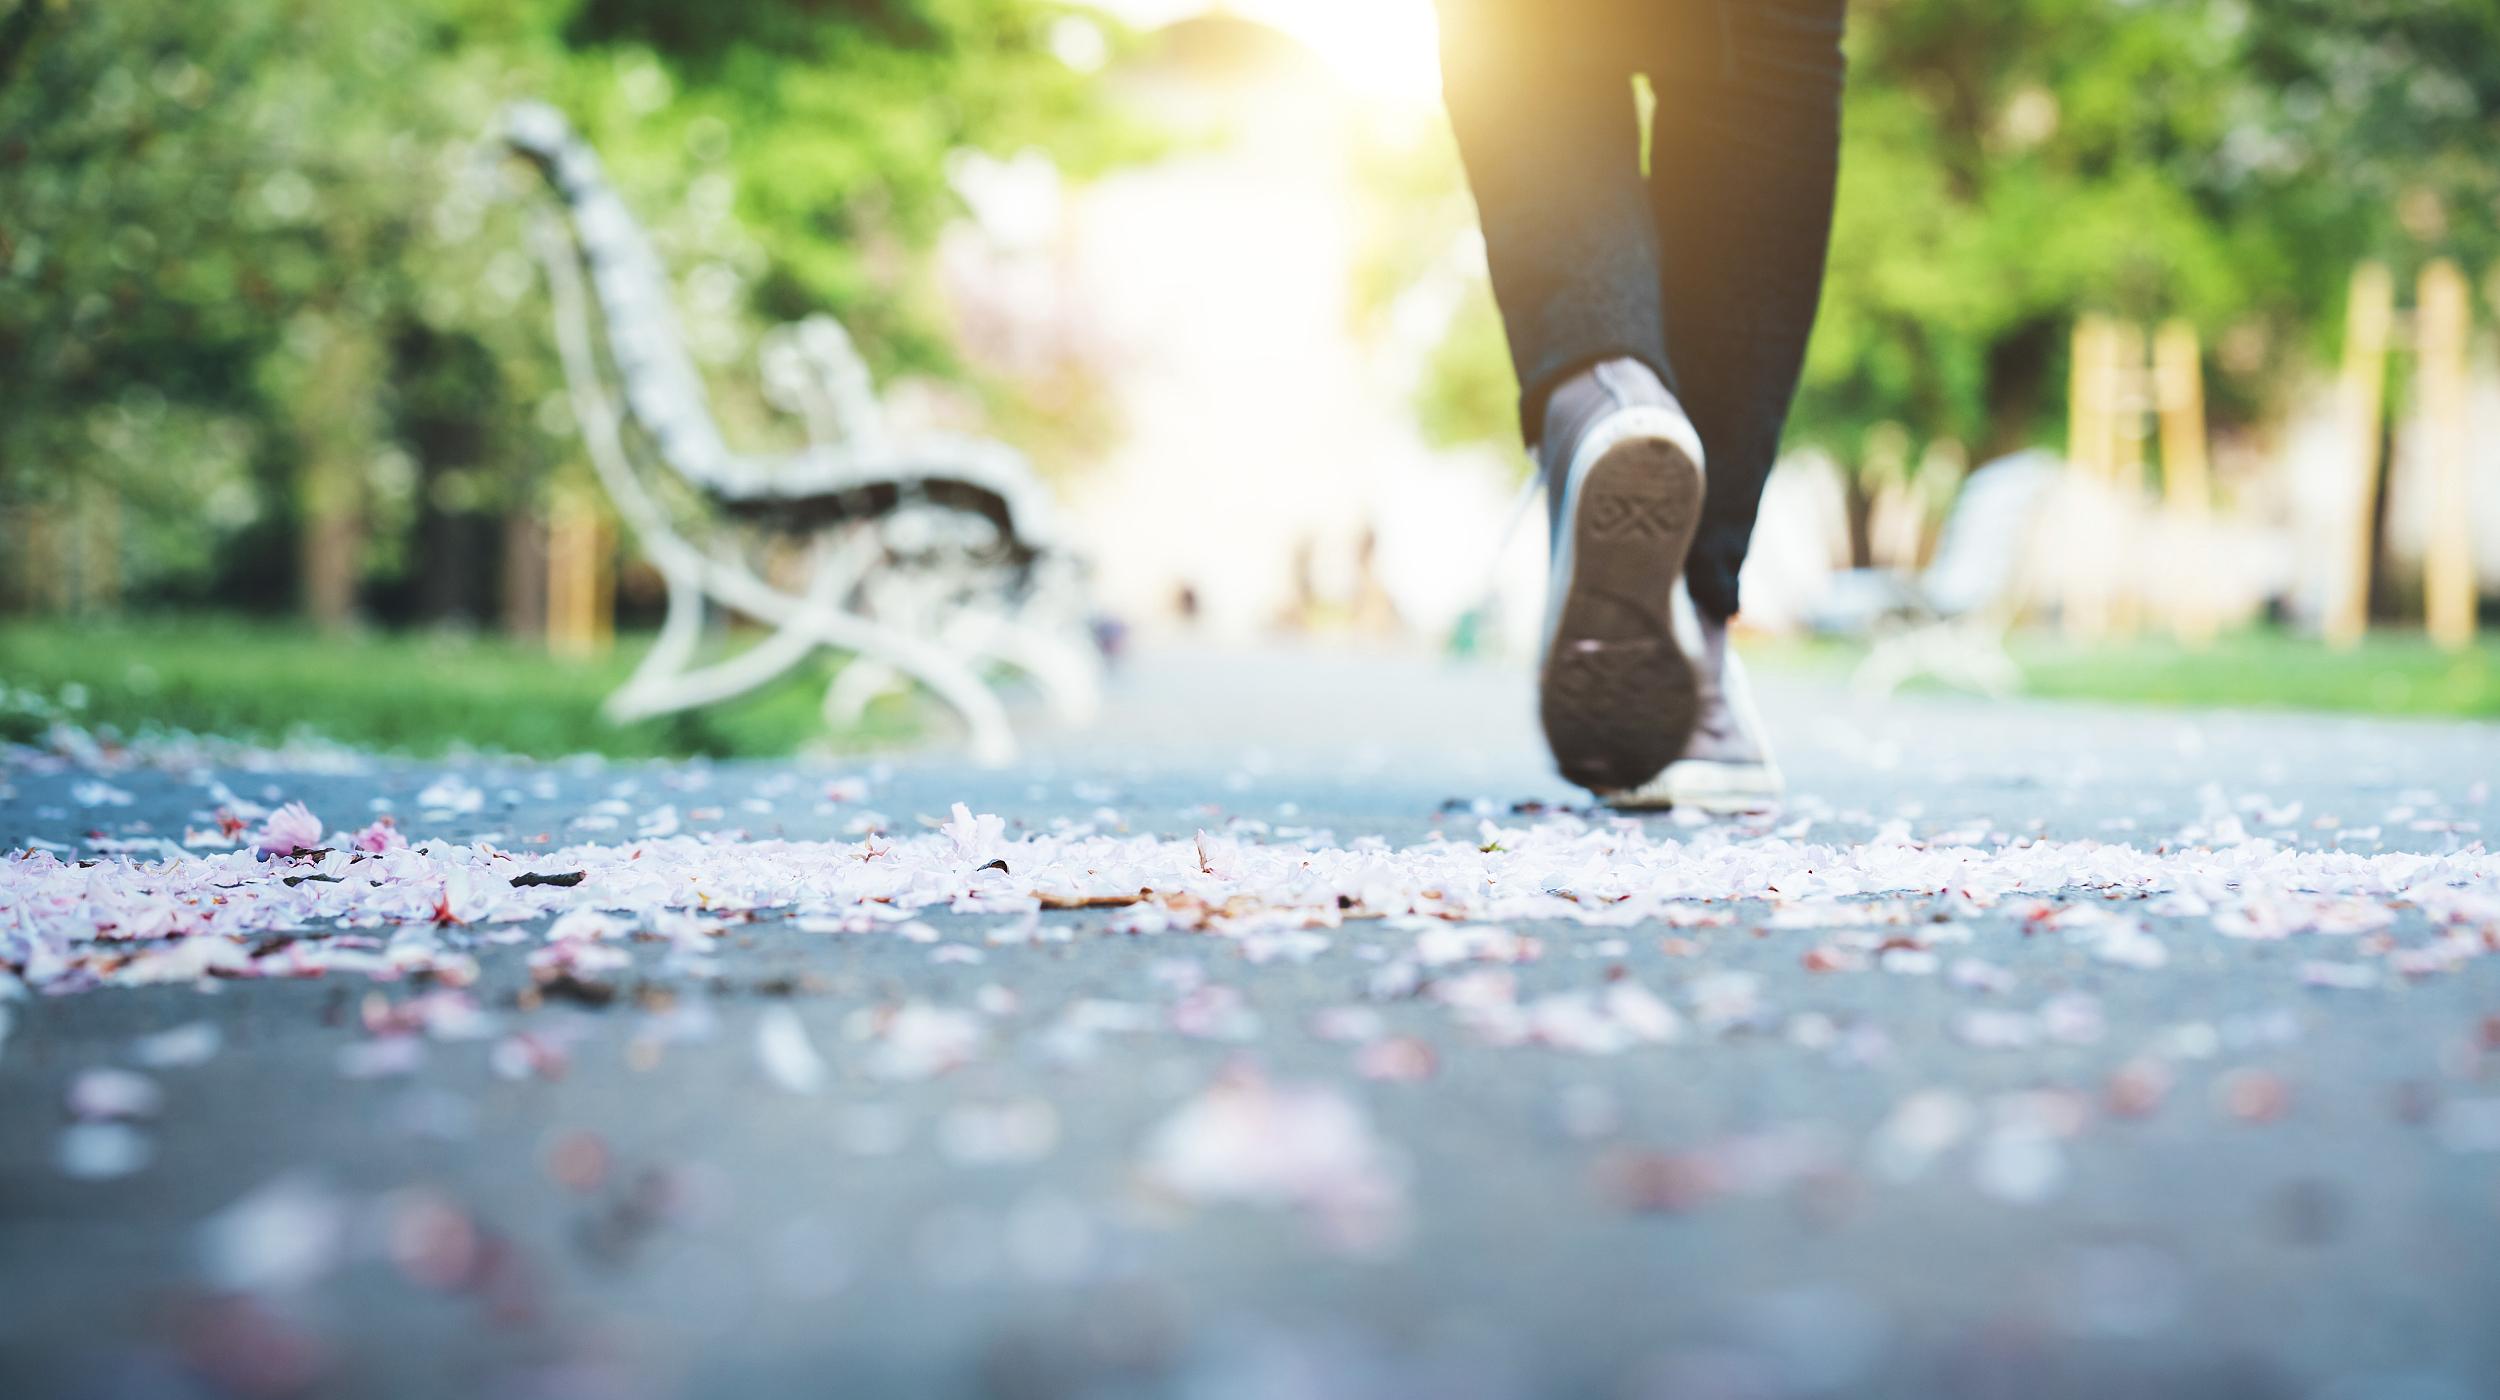 每天猛走两三万步 你是否也走入了这样的运动误区